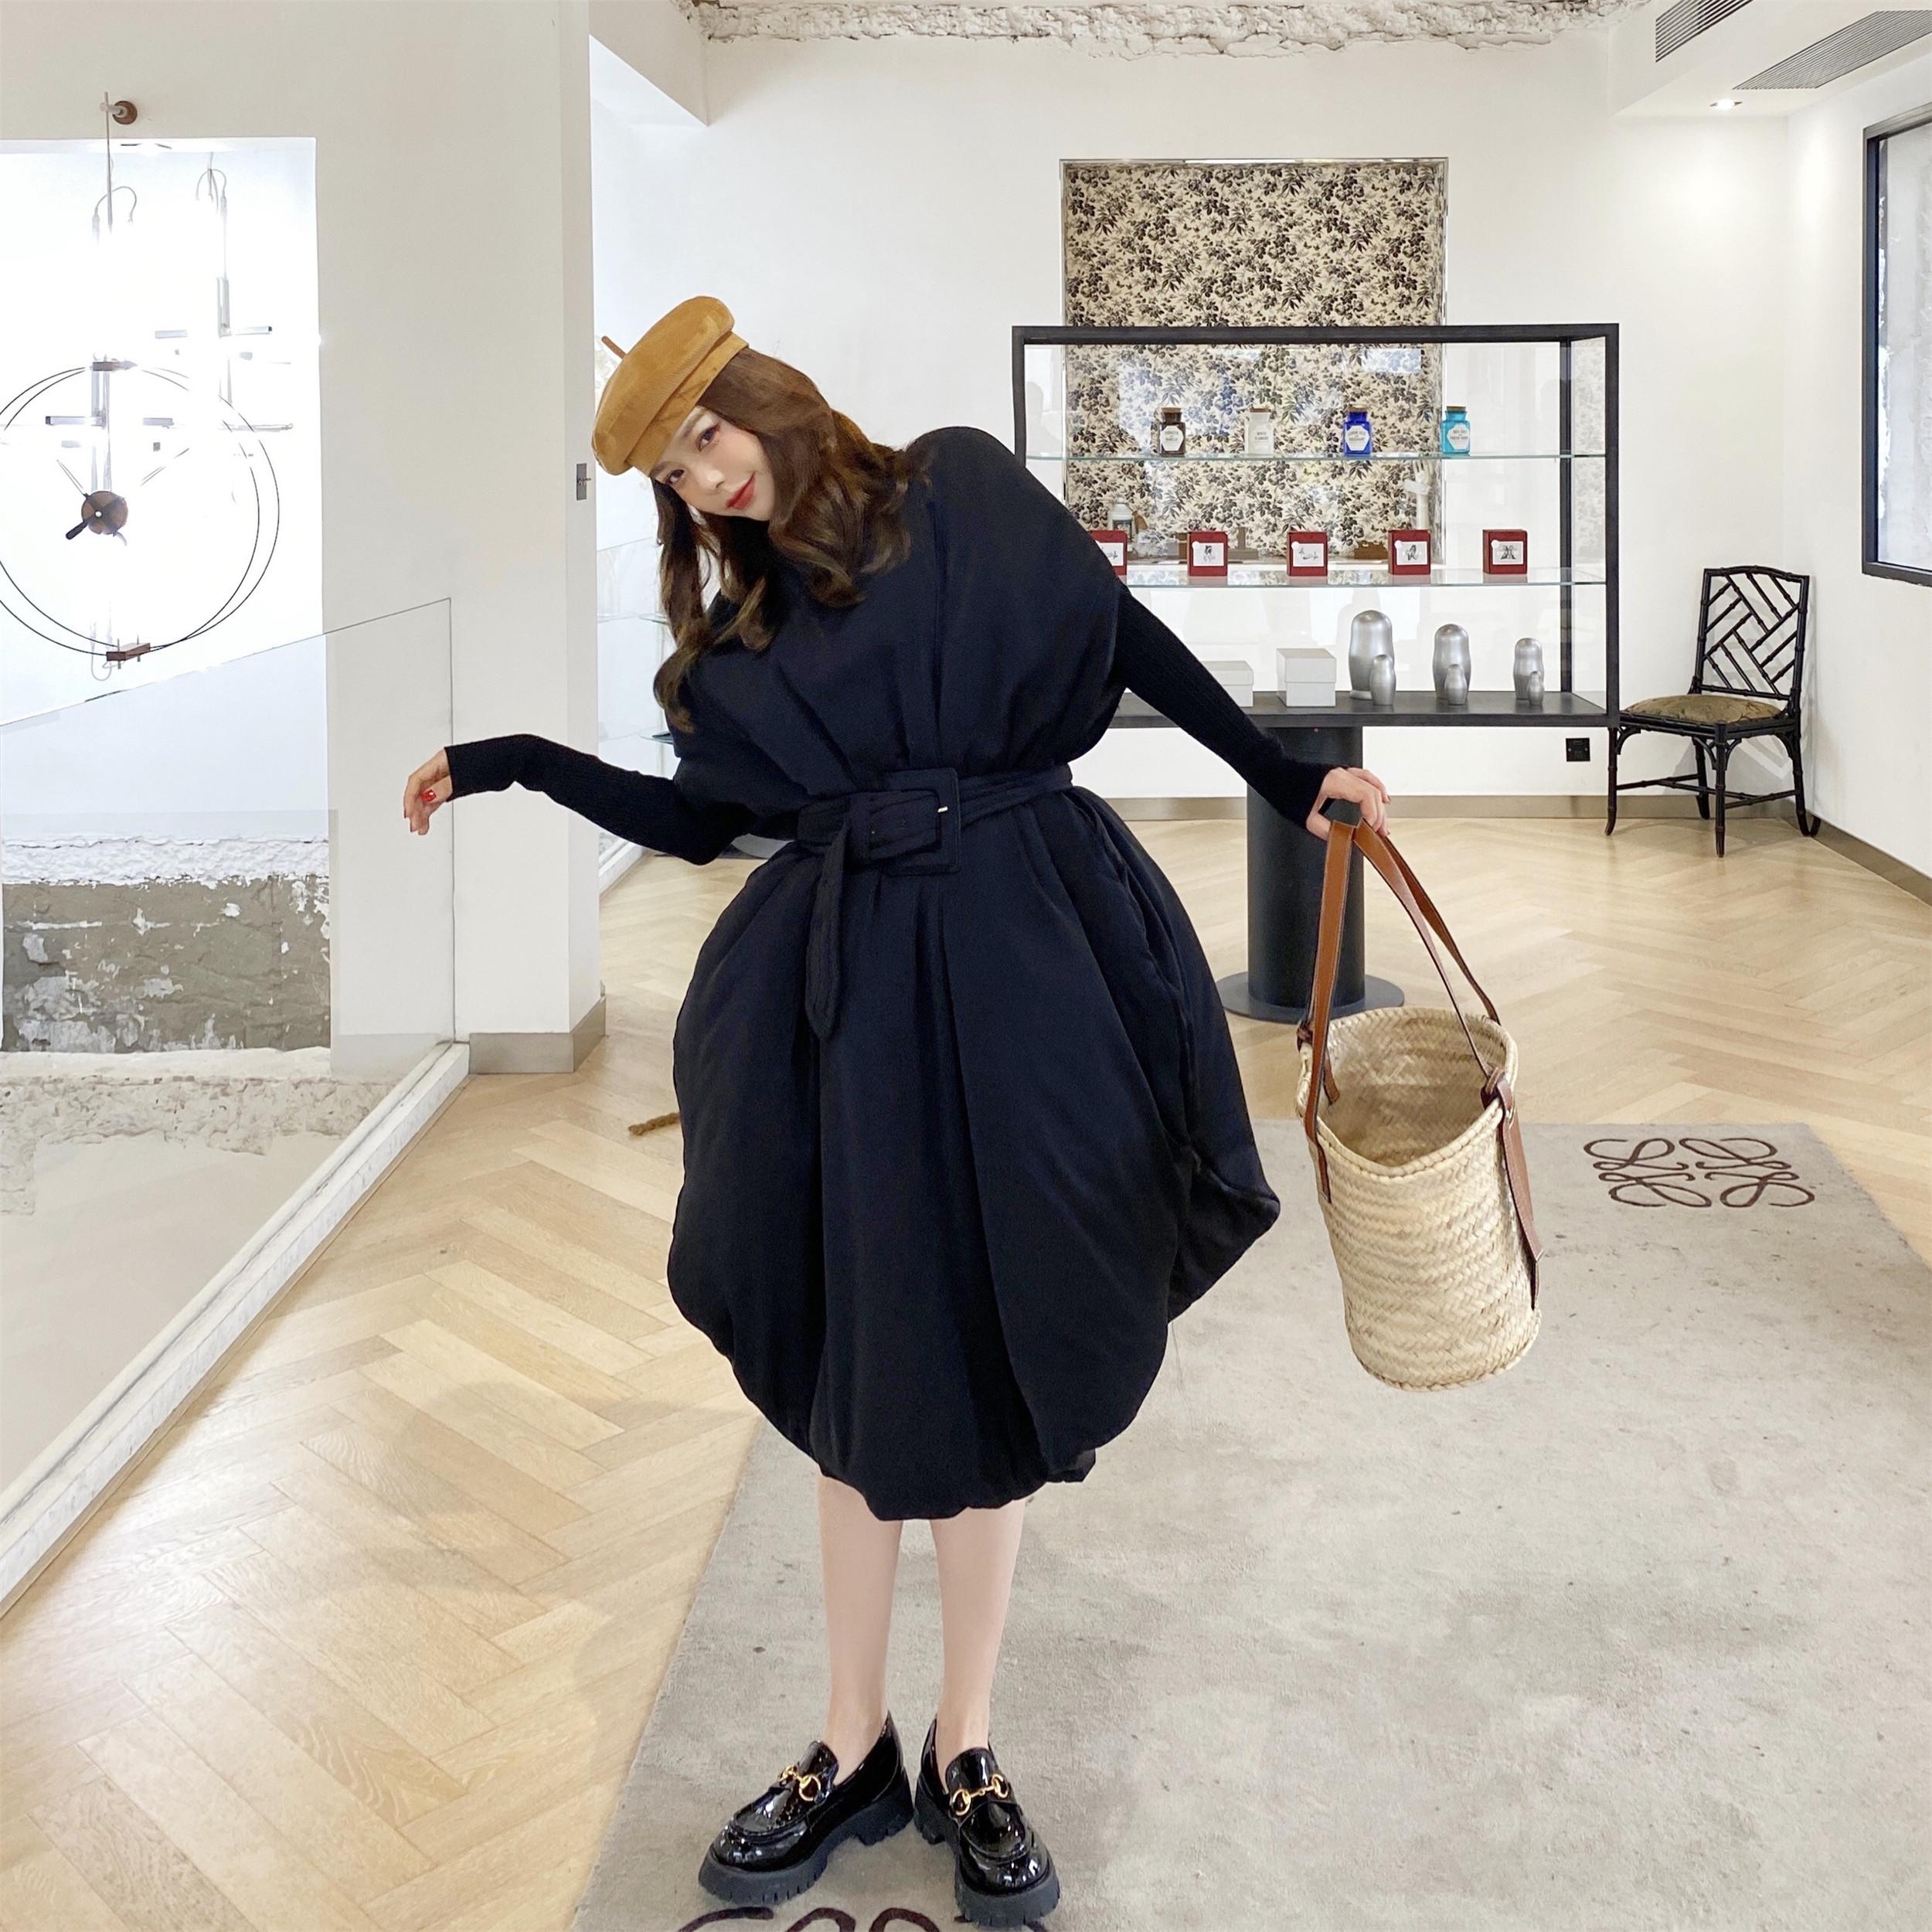 实拍新款黑色棉服裙?#29992;?#36830;衣裙冬季无袖棉袄女中长款大衣